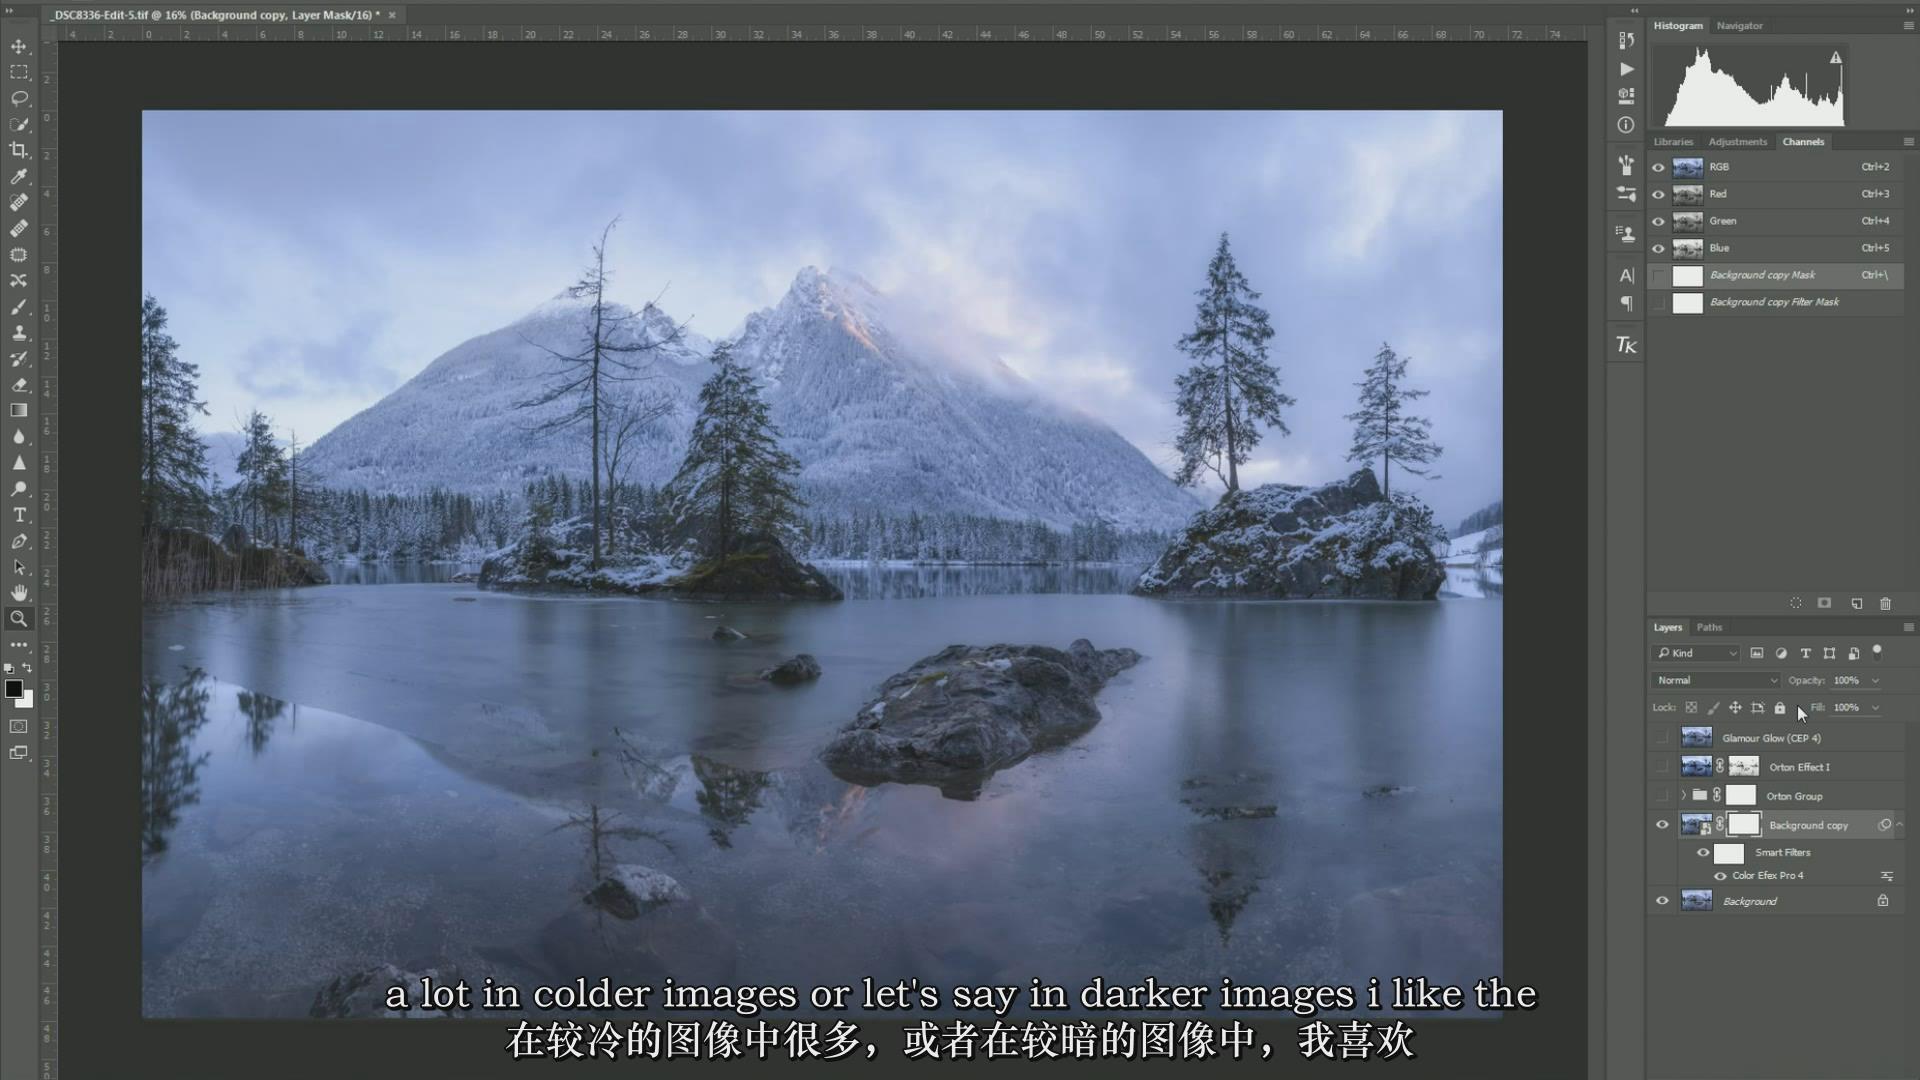 摄影教程_Daniel Fleischhacker景观和自然风光摄影Photoshop后期大师班-中英字幕 摄影教程 _预览图6